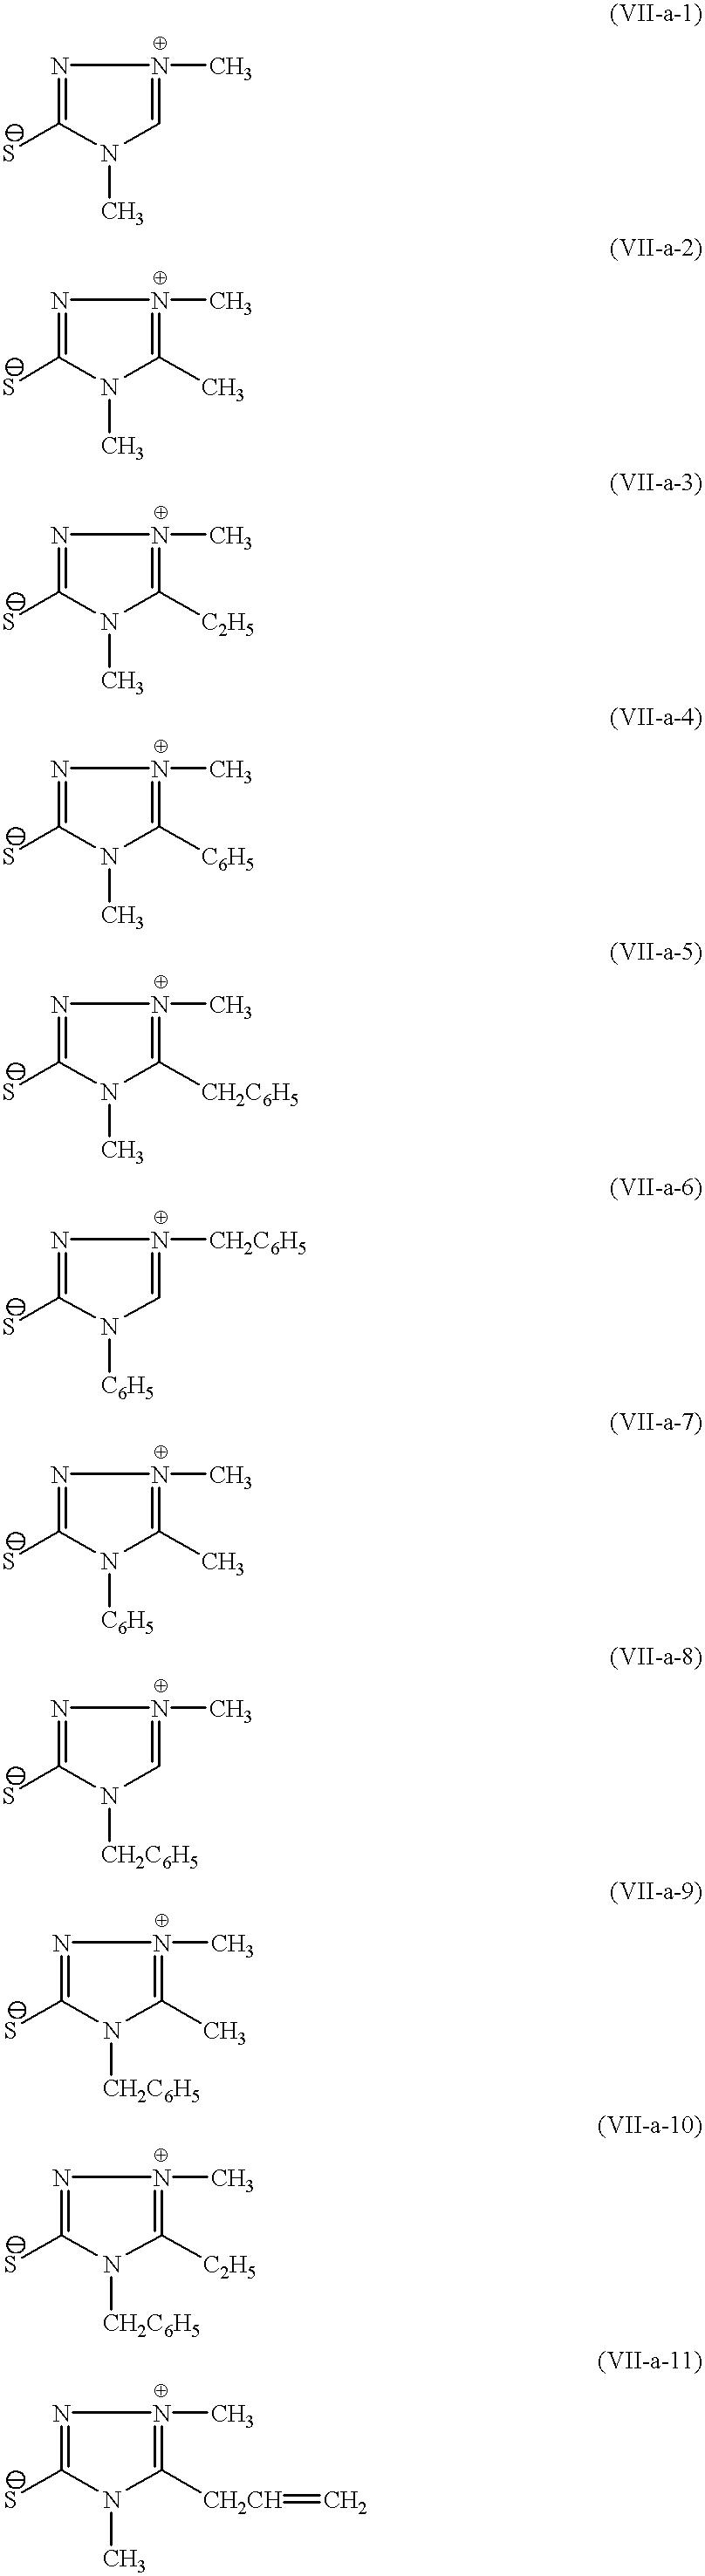 Figure US20010014381A1-20010816-C00017